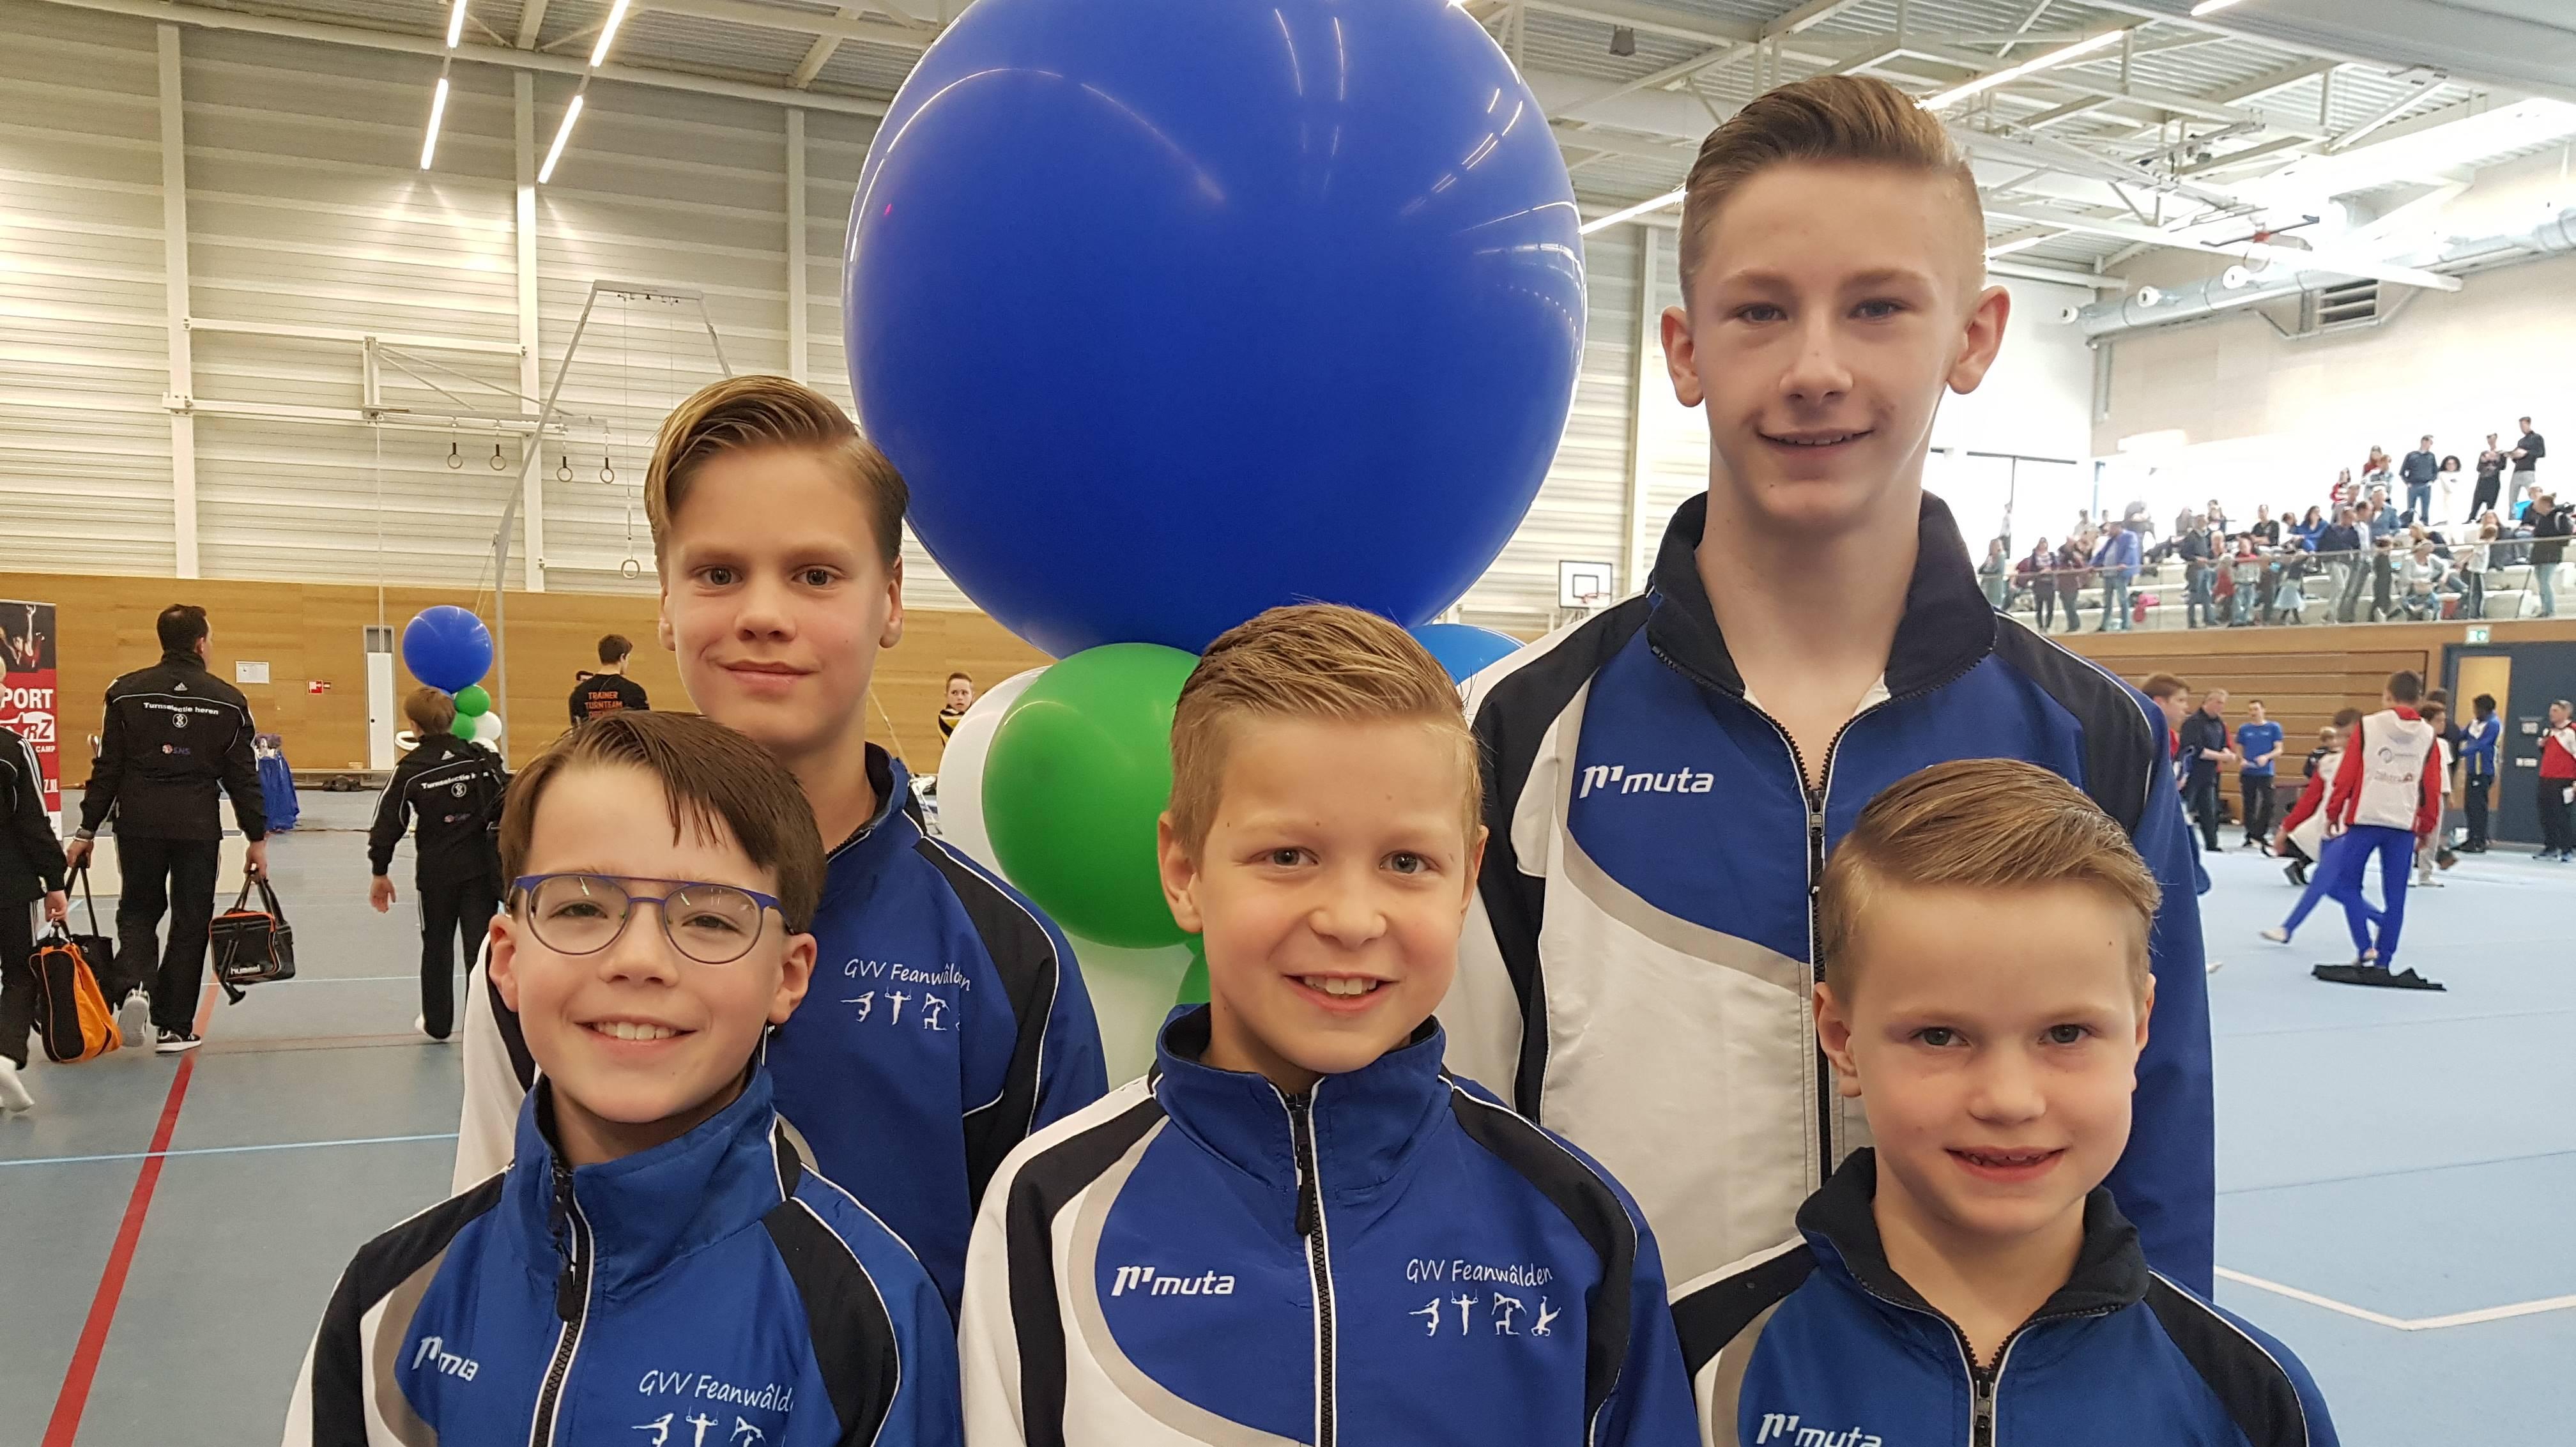 022c11a8a28 Jakob van der Wal turnt naar ticket voor de halve finale - Tdiel ...